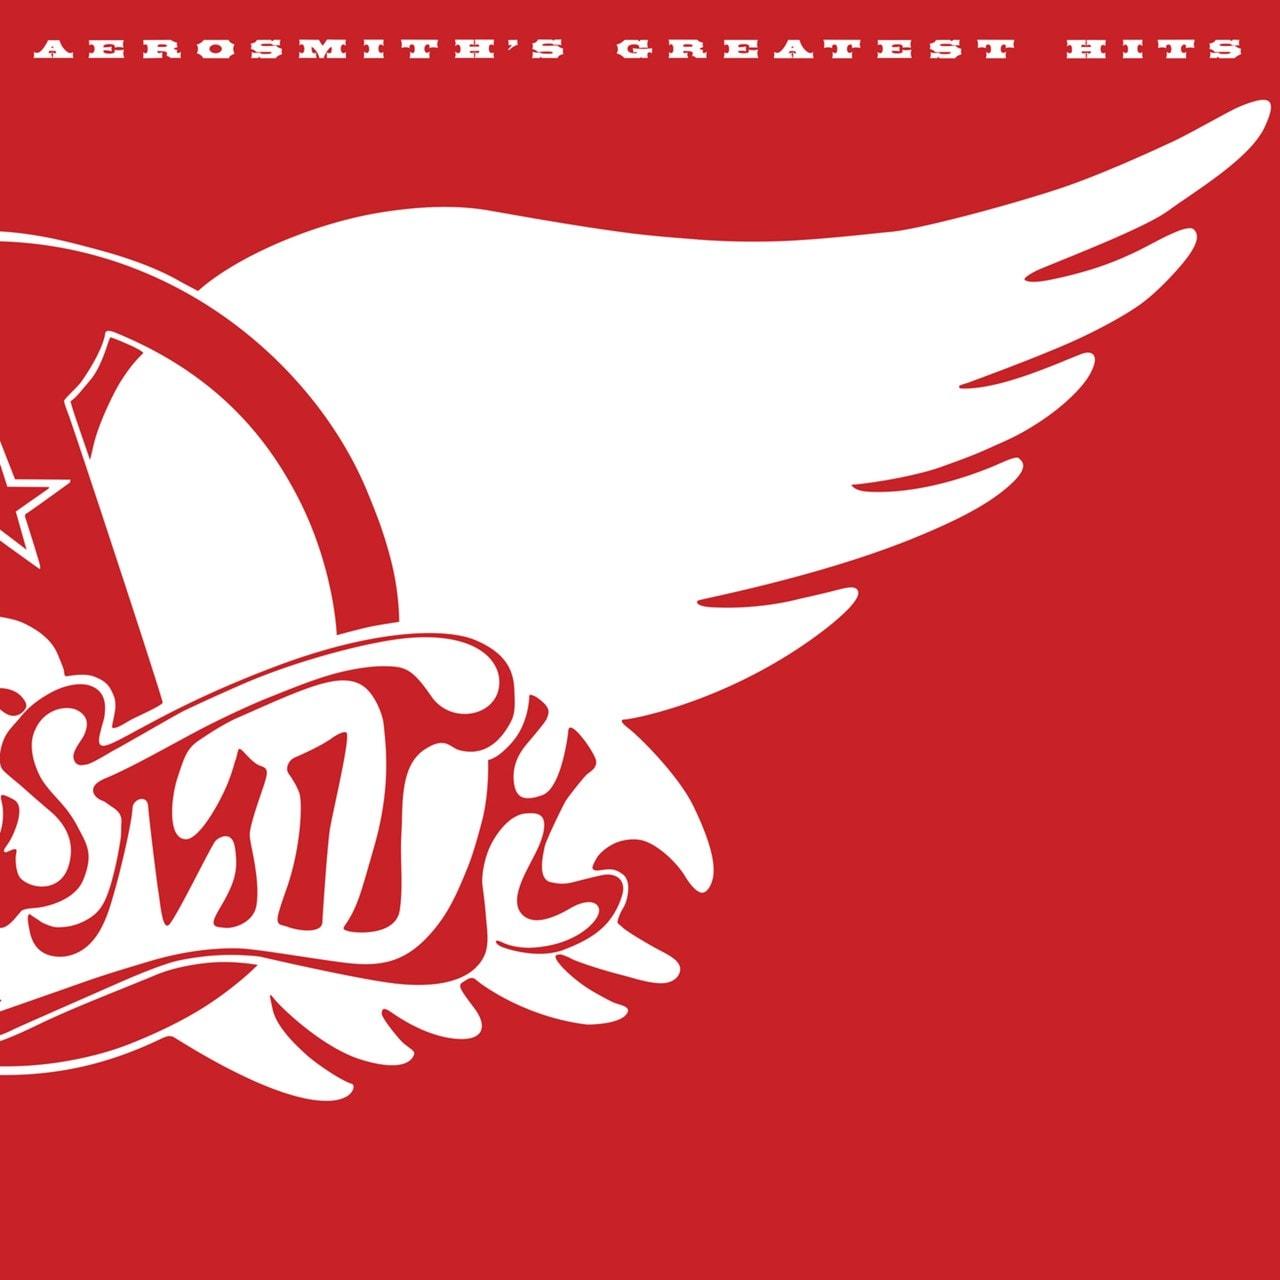 Aerosmith's Greatest Hits - 1